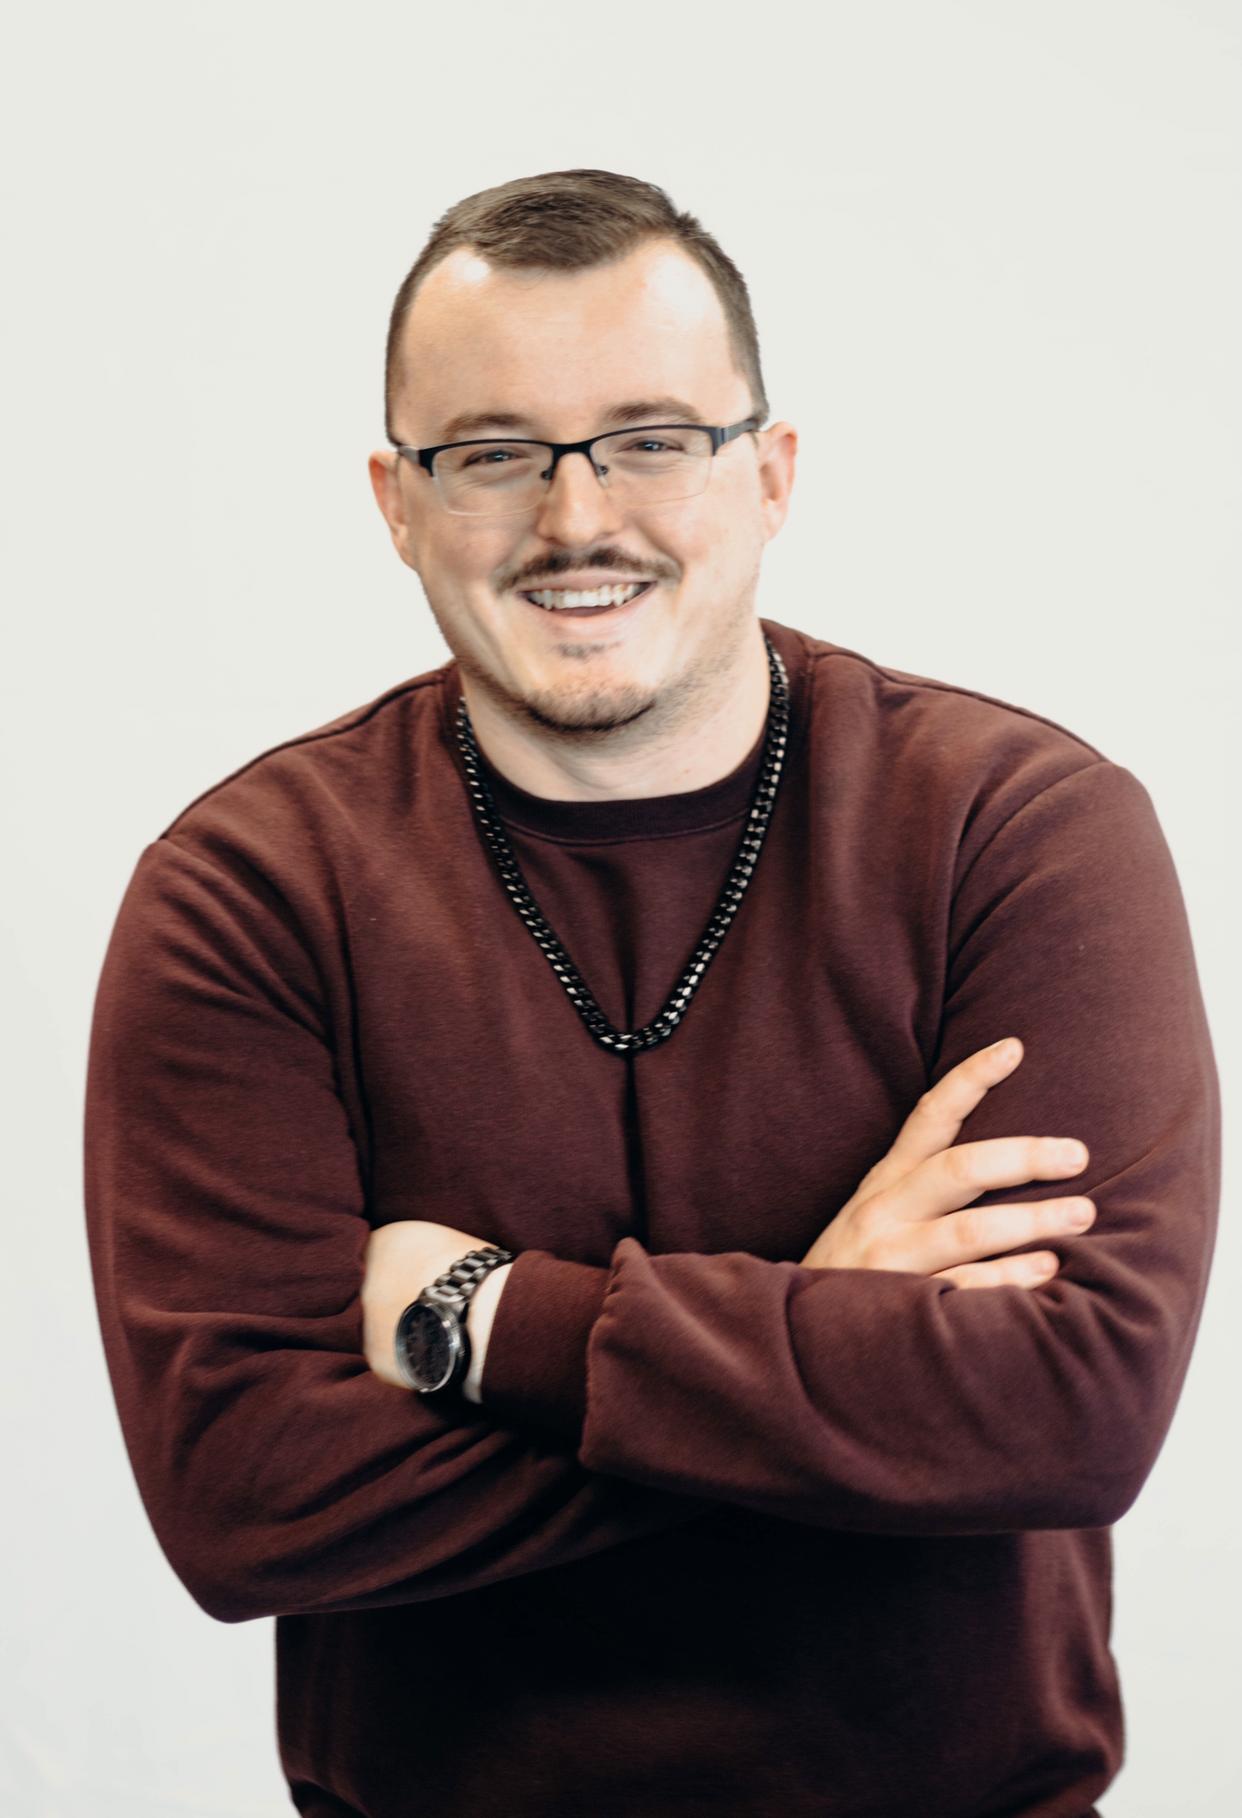 Zachary Stephan - Onyx Digital Marketing